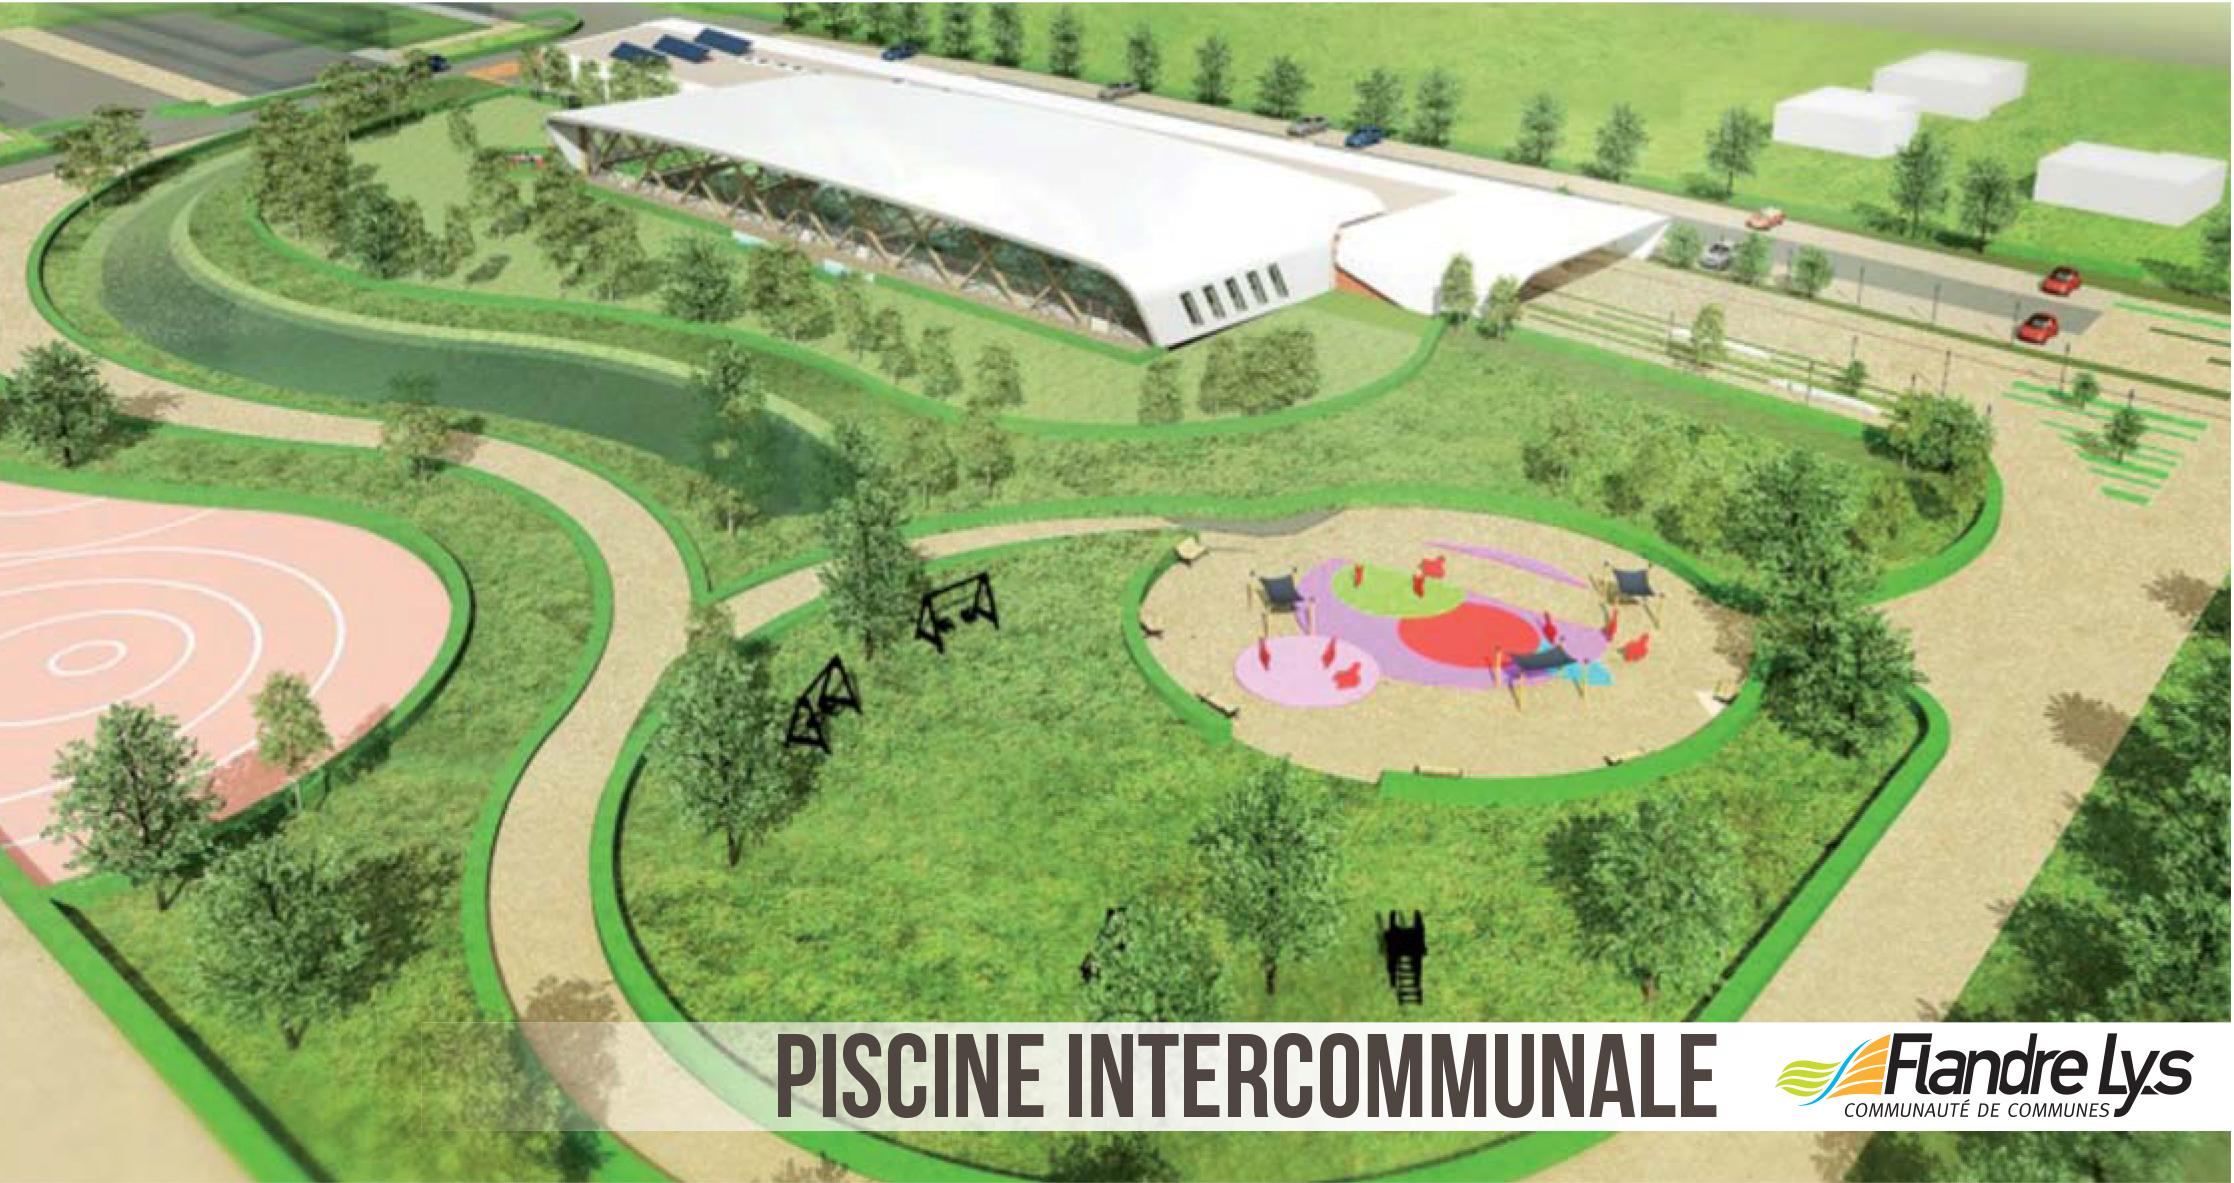 Une piscine pour la communaut de communes flandres lys for Piscine estaires